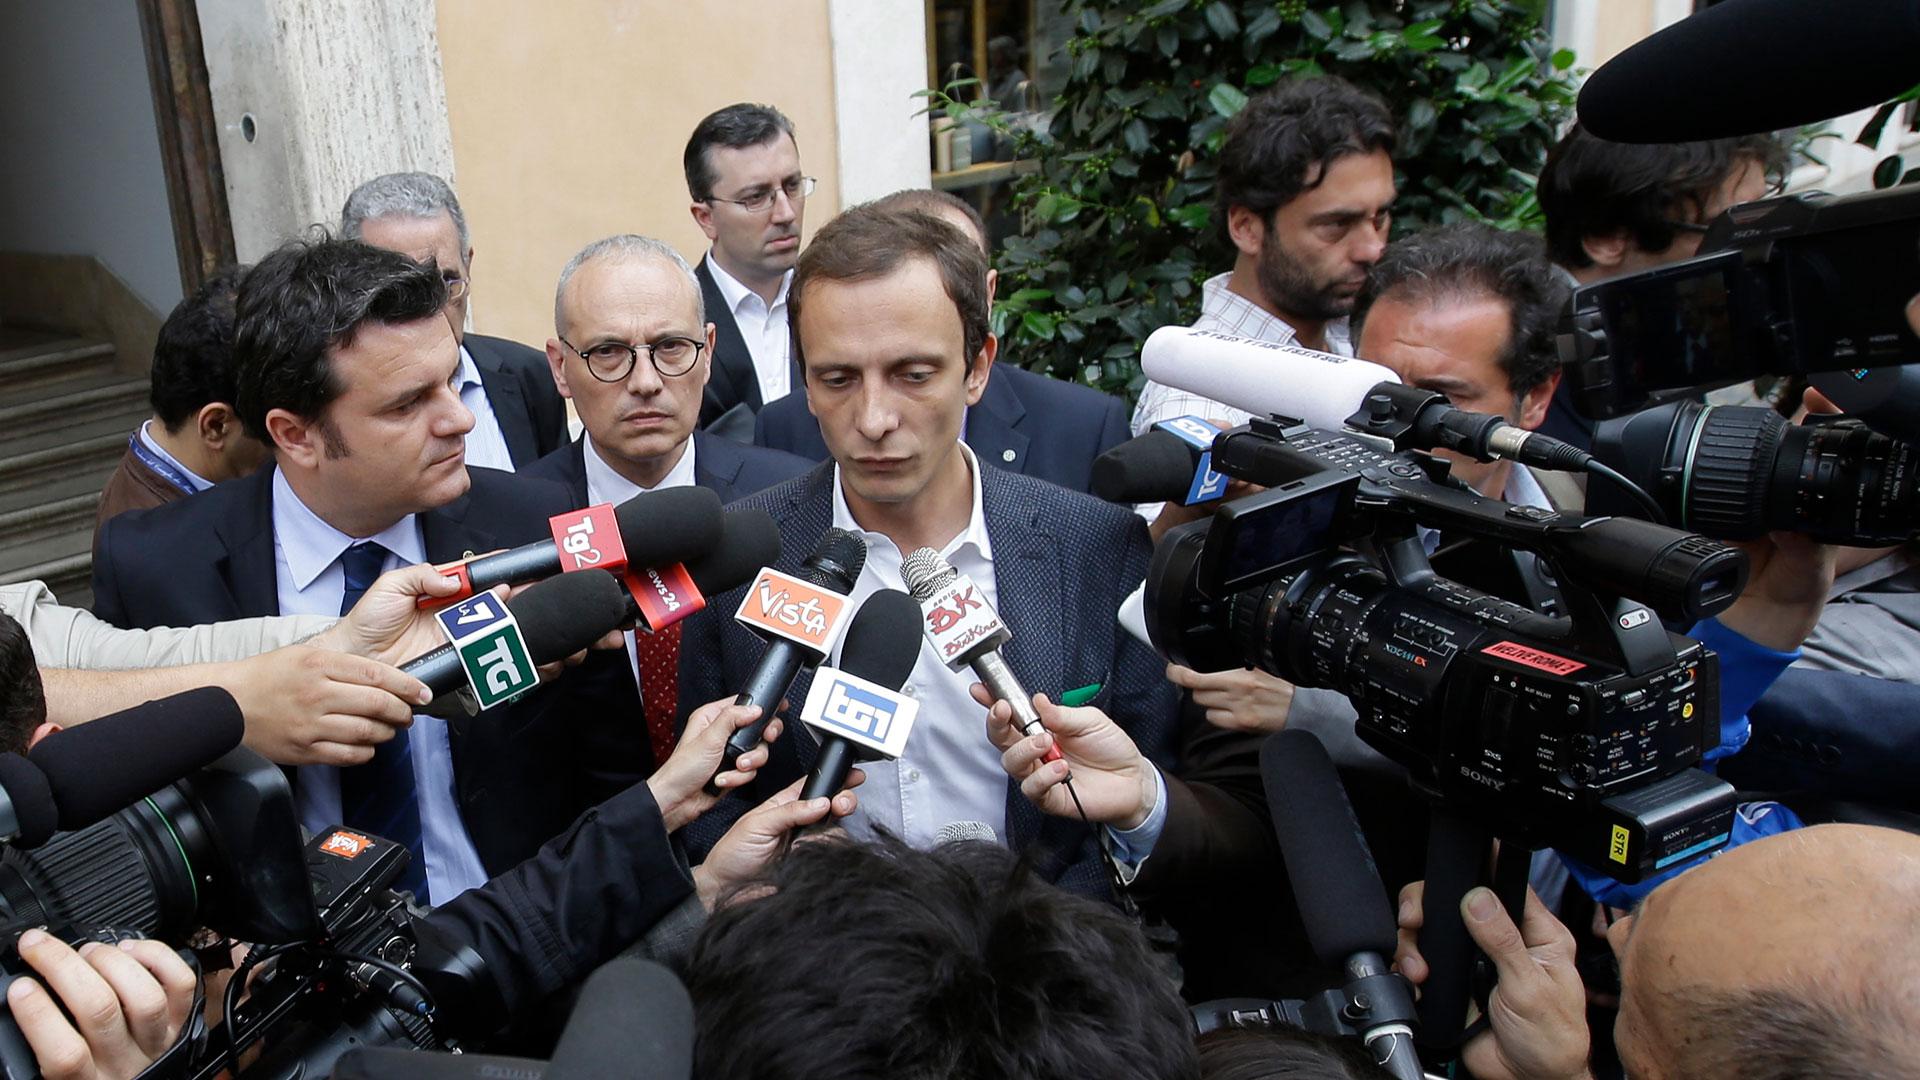 Político italiano antivacunas fue internado por varicela